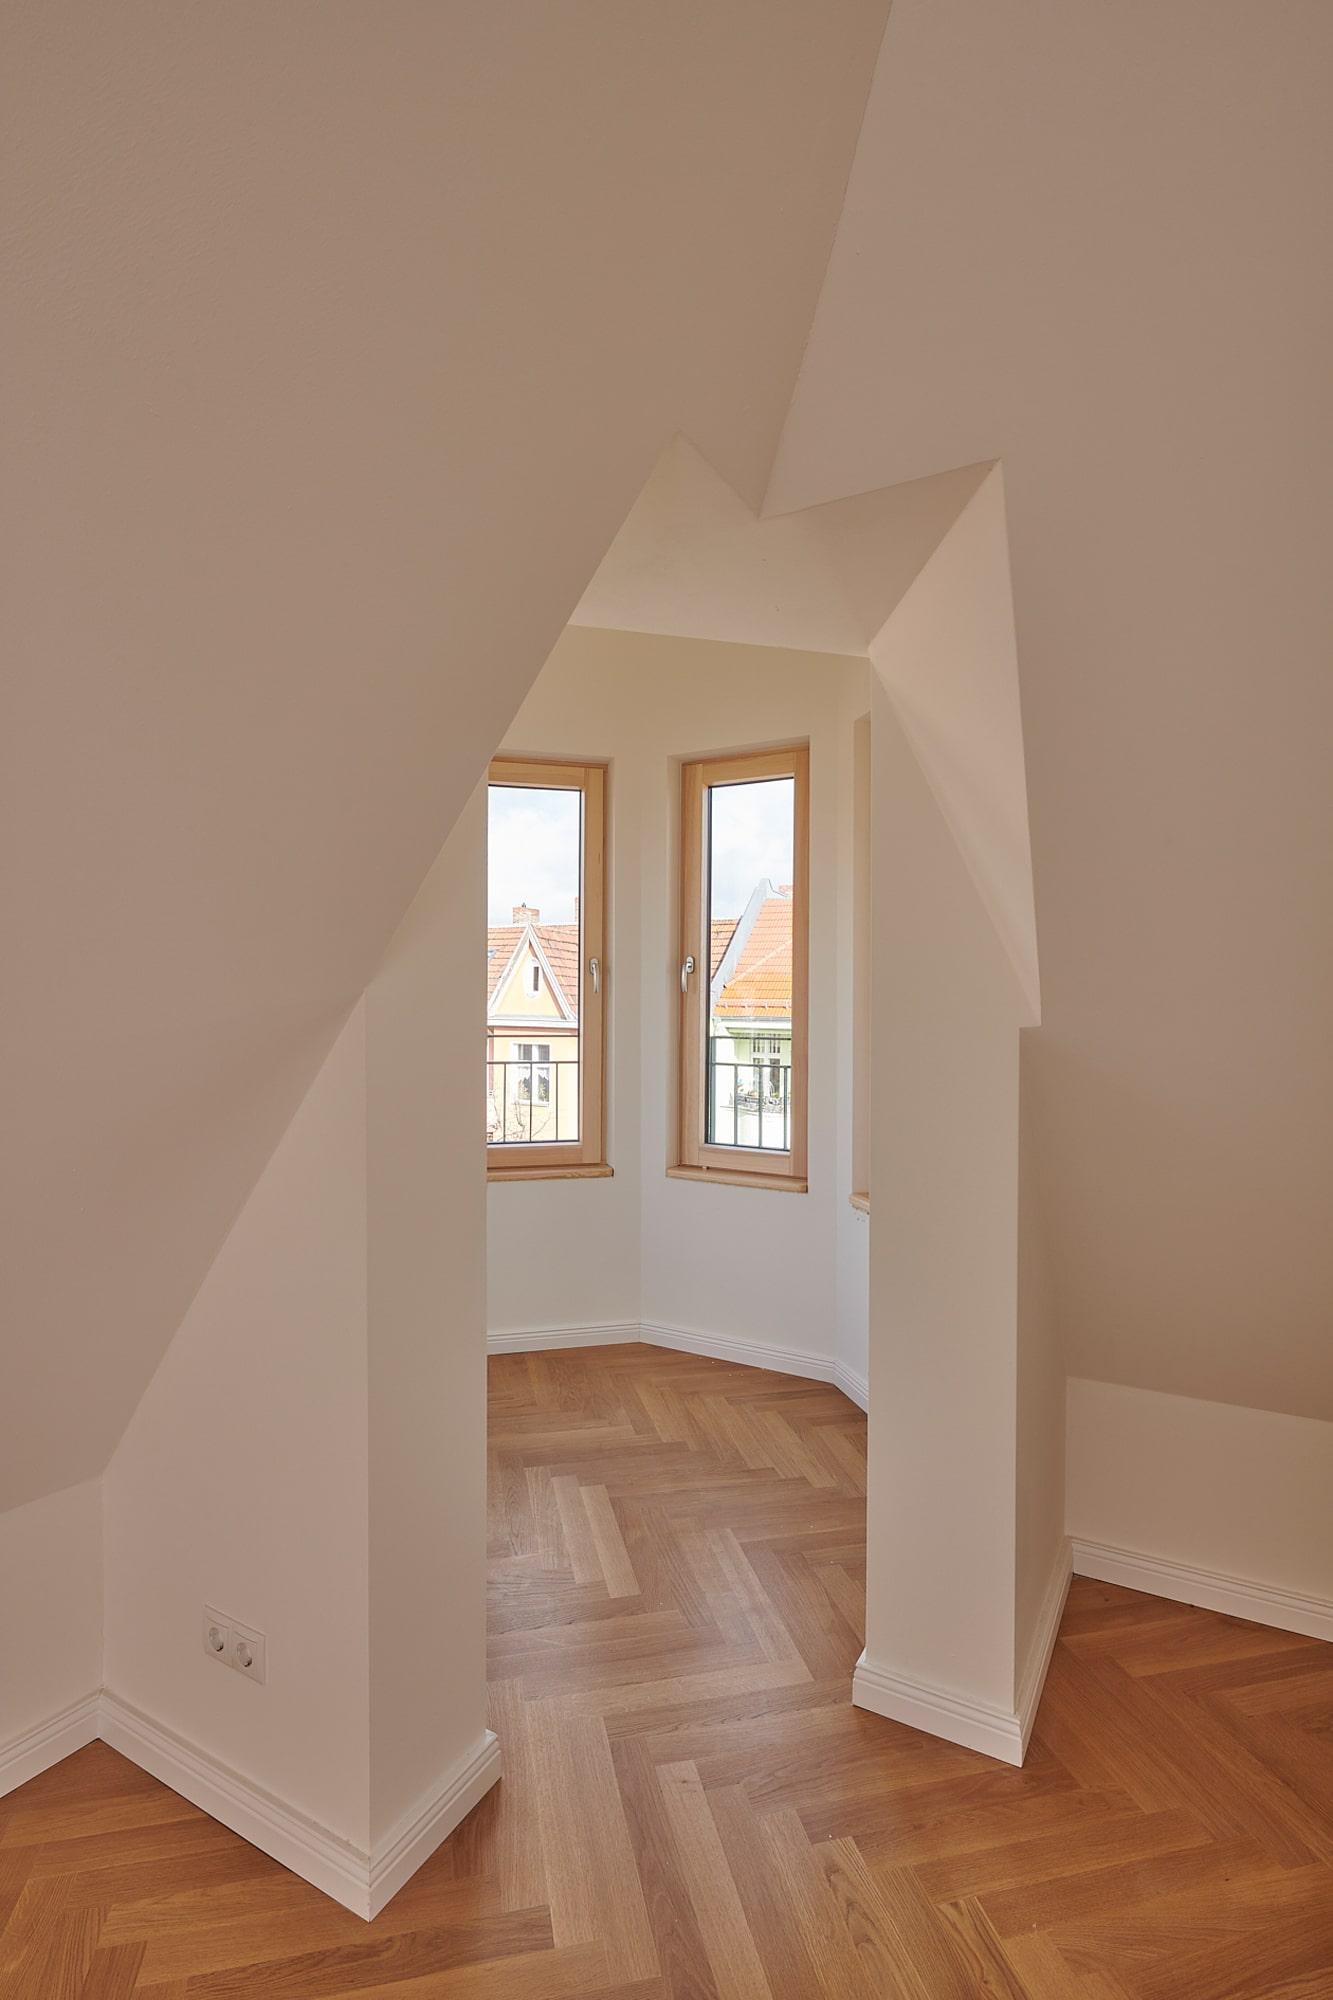 Gabriele Riesner, Architektin, Berlin, Dachgeschossausbau eines Mietshauses in Berlin-Steglitz, Turmeingang